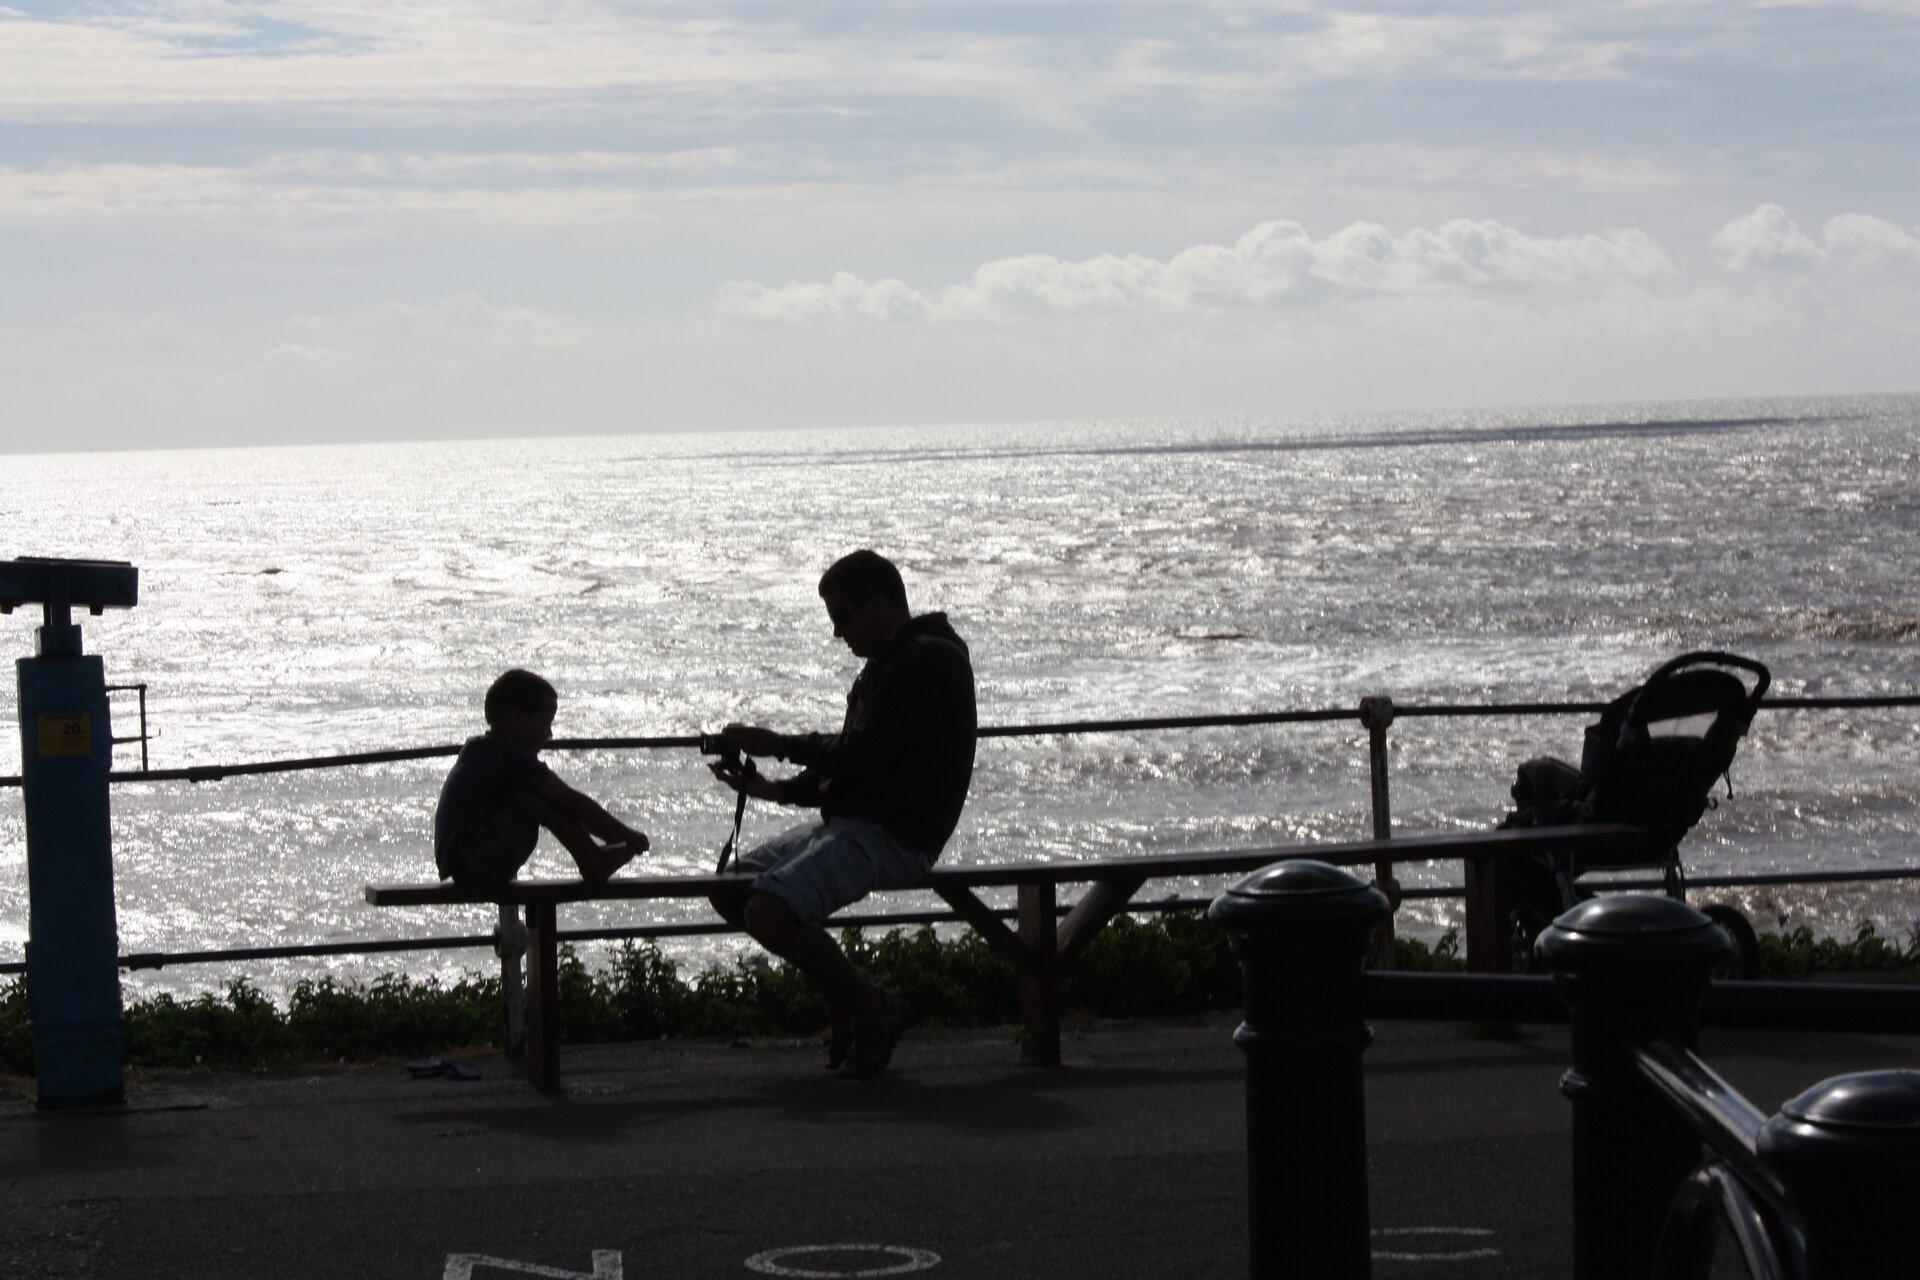 Fotografia nieznanego autora przedstawia dwie osoby odpoczywające nad morzem – ojca isyna, którzy siedzą na ławce. Chłopiec siedzi zlewej strony ławki, nogi trzyma na siedzisku. Jego ojciec siedzi na środku ławki, wdłoniach trzyma aparat, którym wykonuje zdjęcie.